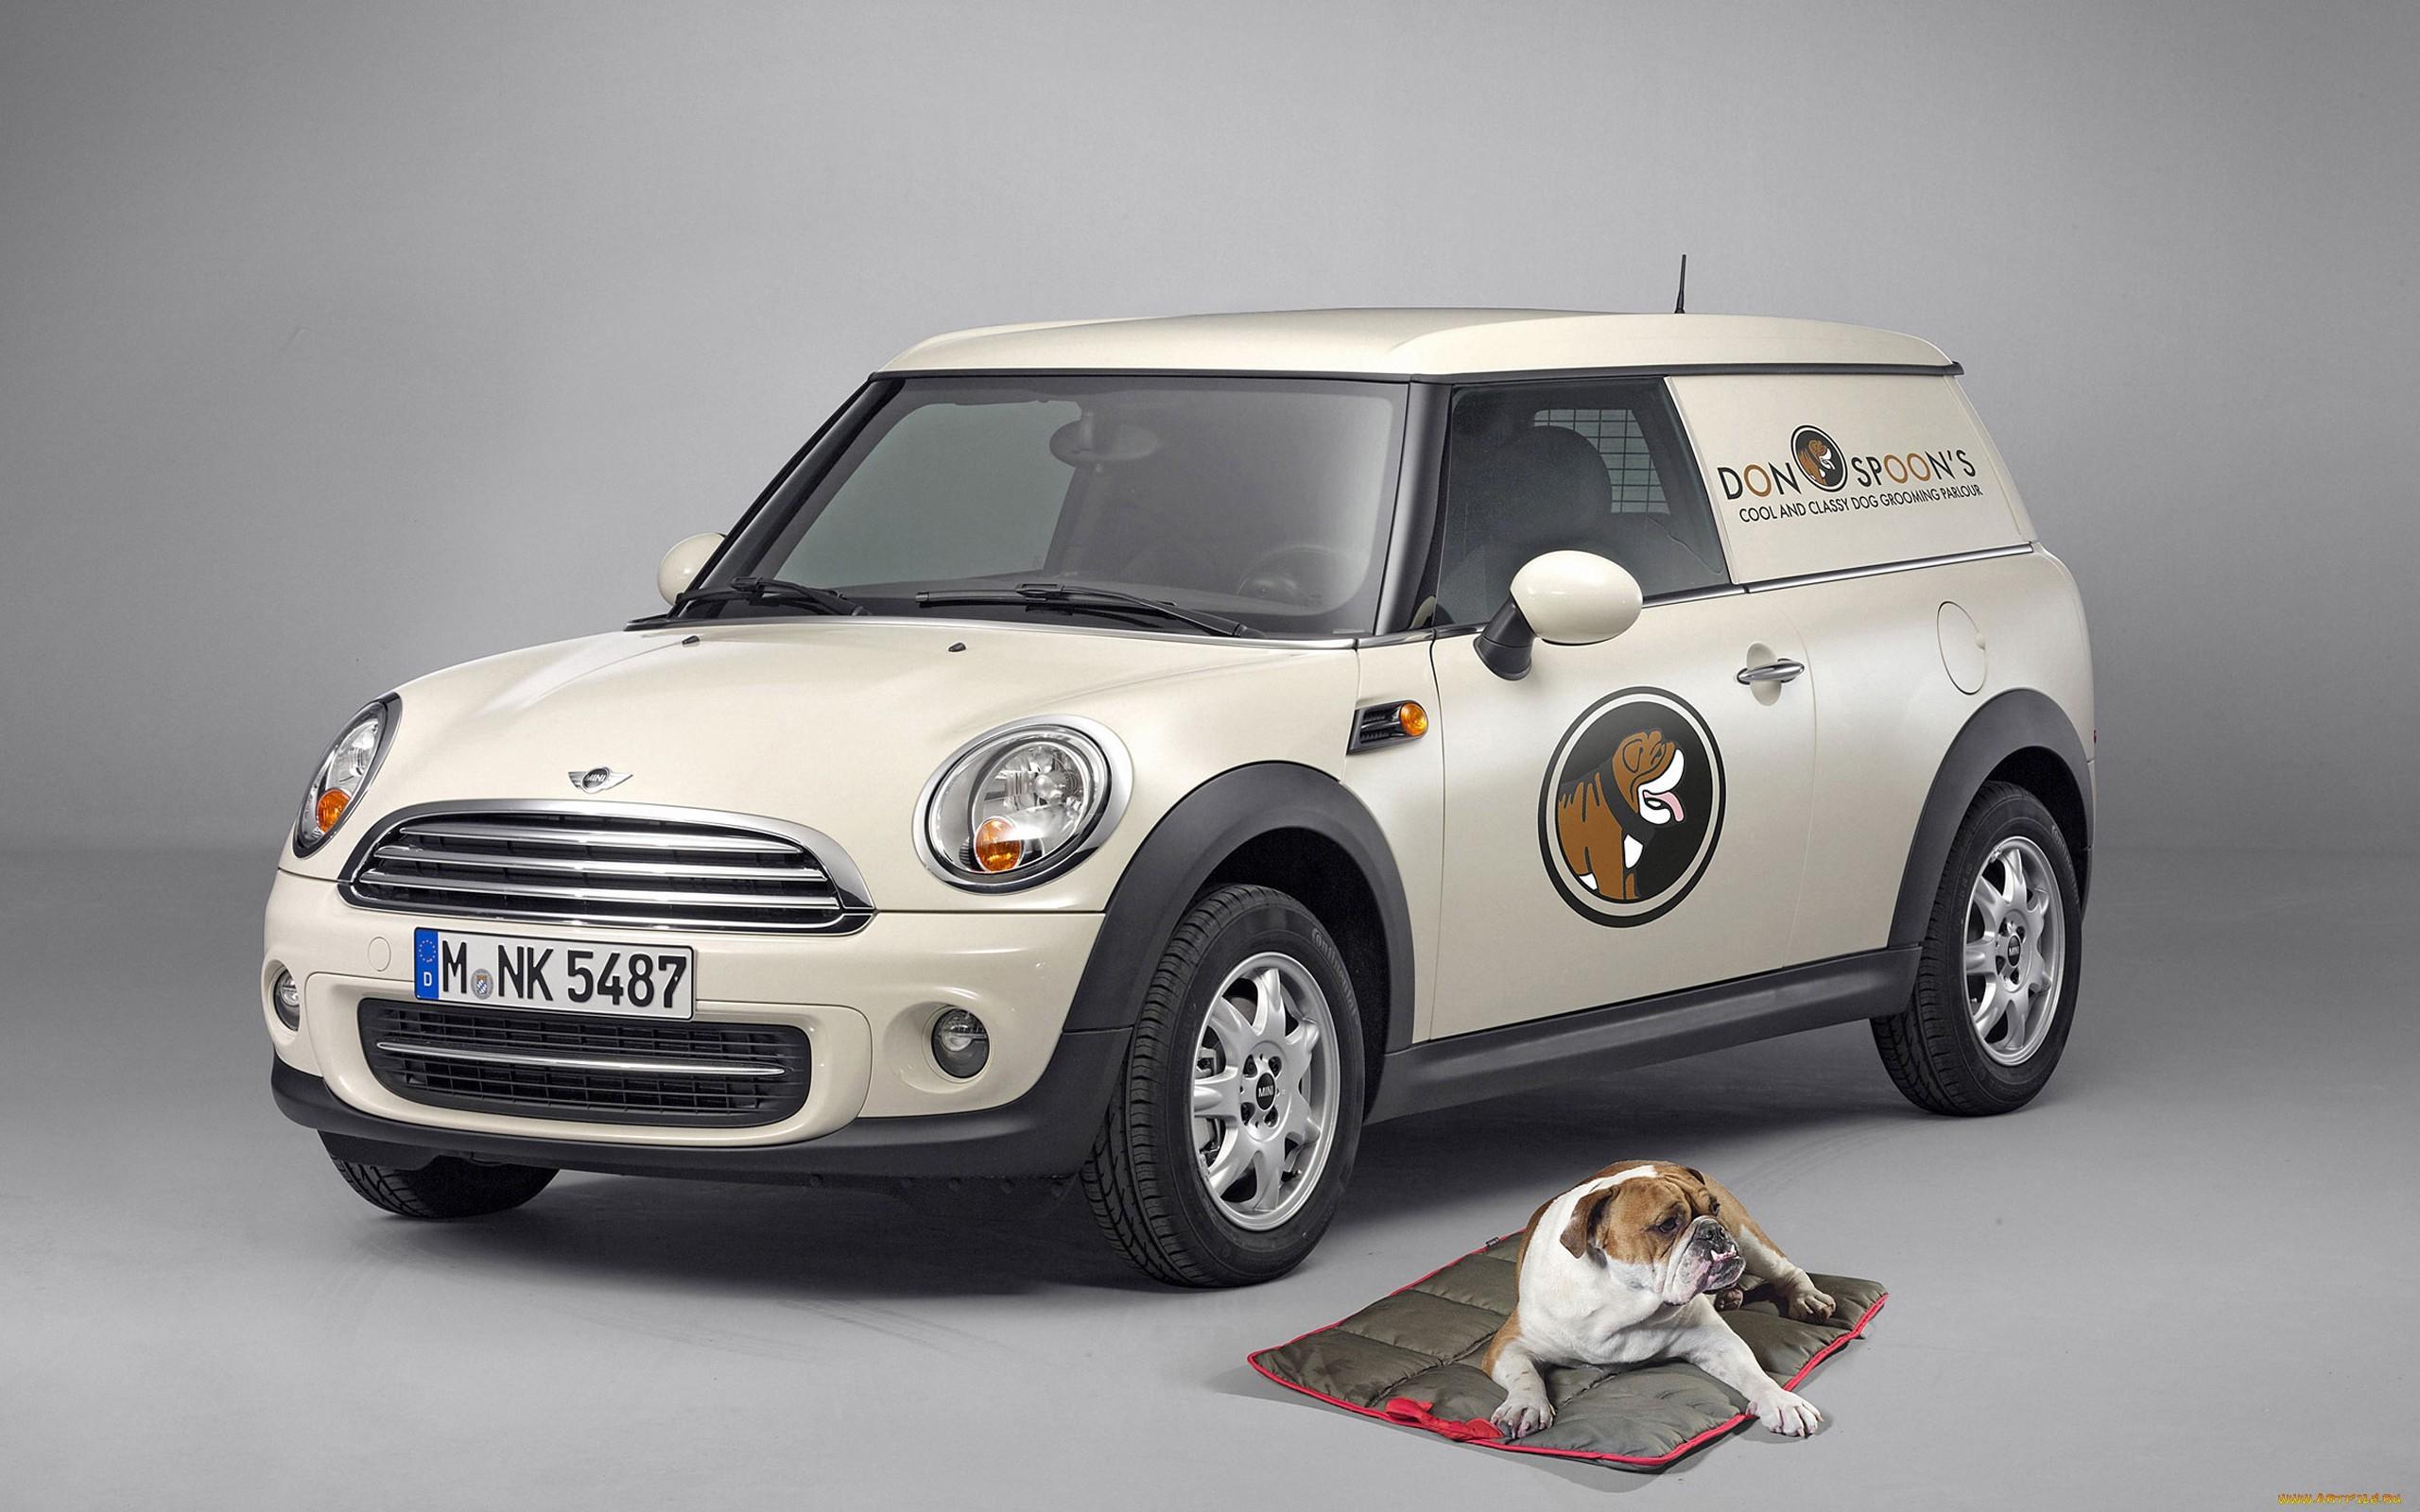 24987 скачать обои Транспорт, Животные, Машины, Собаки, Мини Купер (Mini Cooper) - заставки и картинки бесплатно